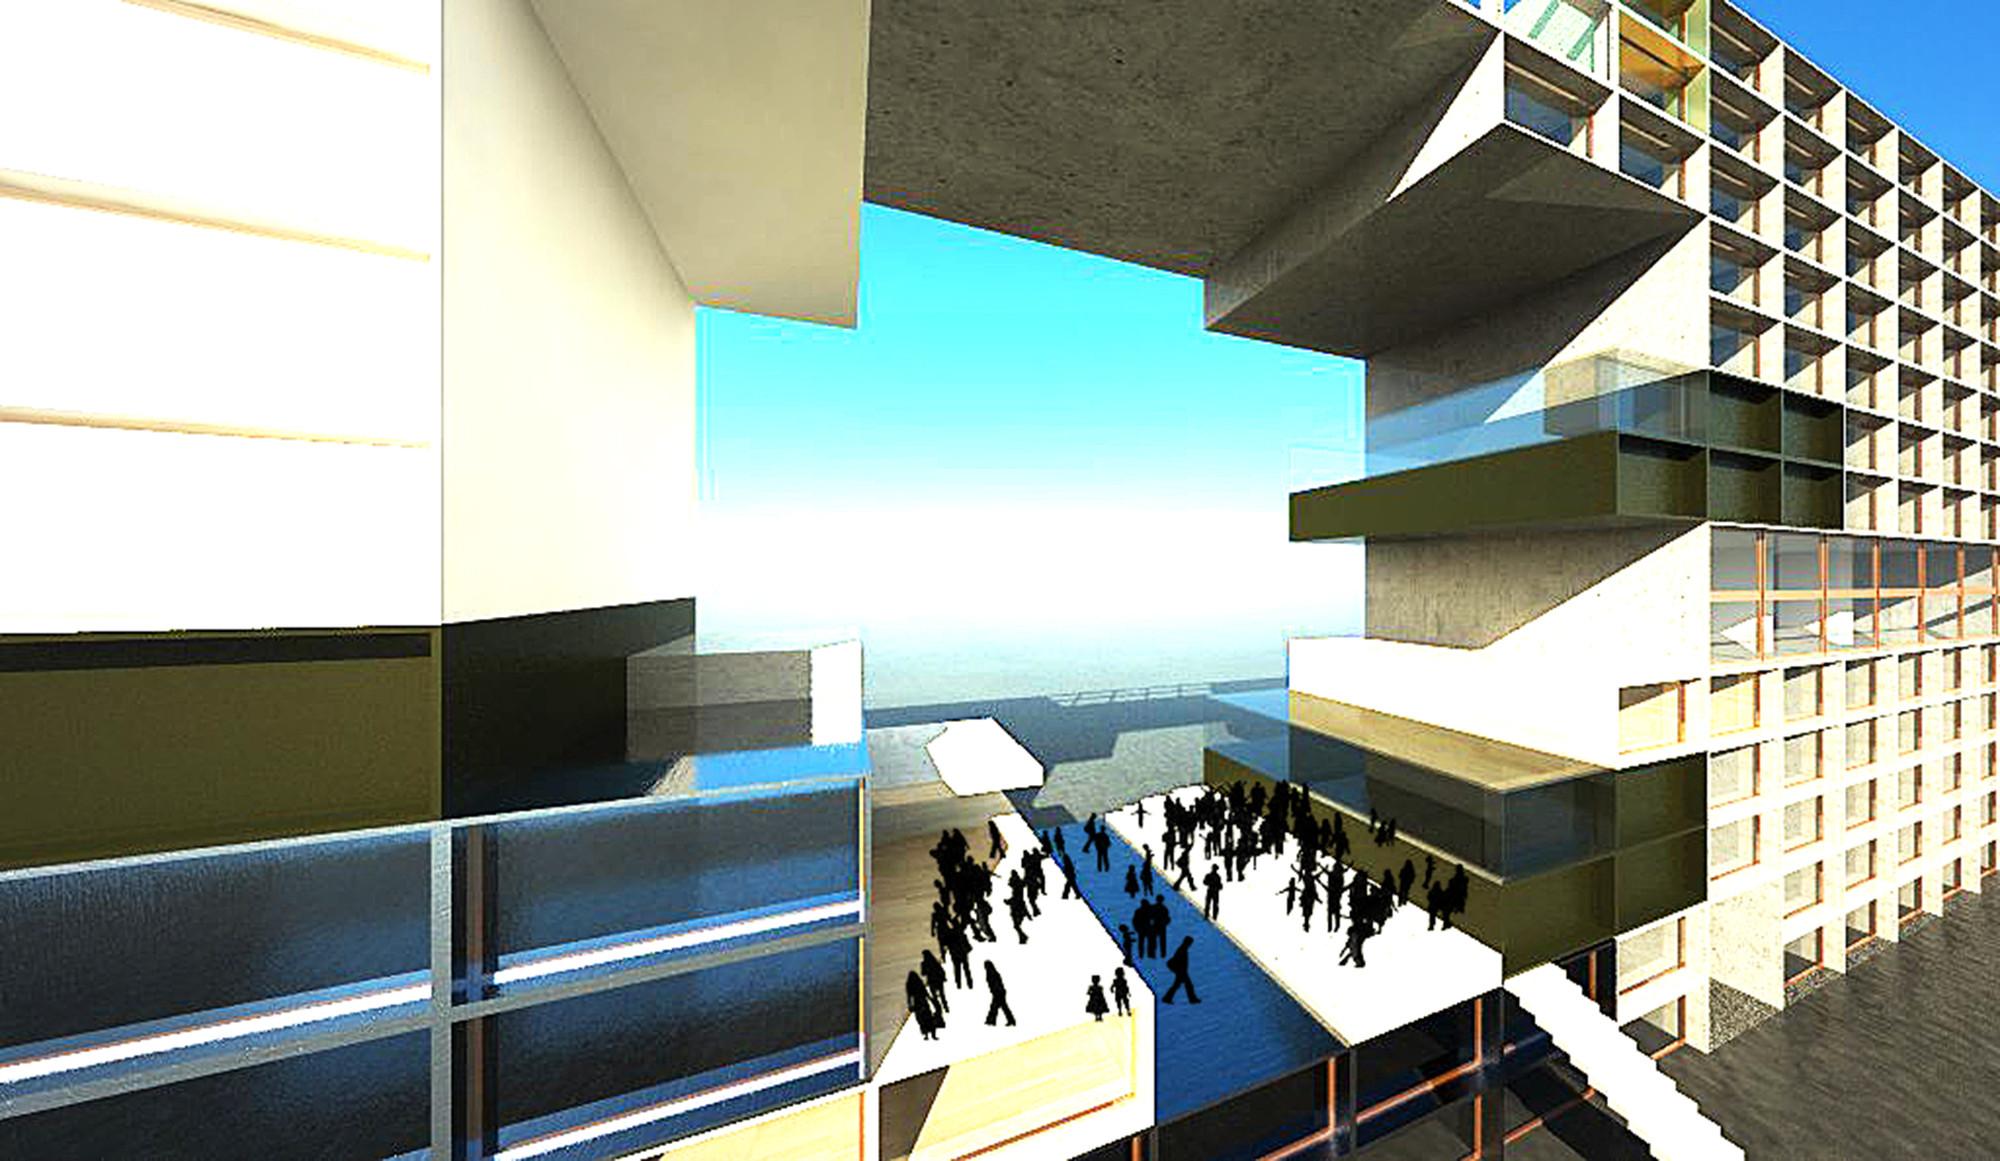 Ahuecando el centro del edificio se crea un nuevo espacio público en Lyon. Imagen Cortesía de 3B2 (Alexandre Carpentier, Pauline Michaud & Dimtri Katsampalos)